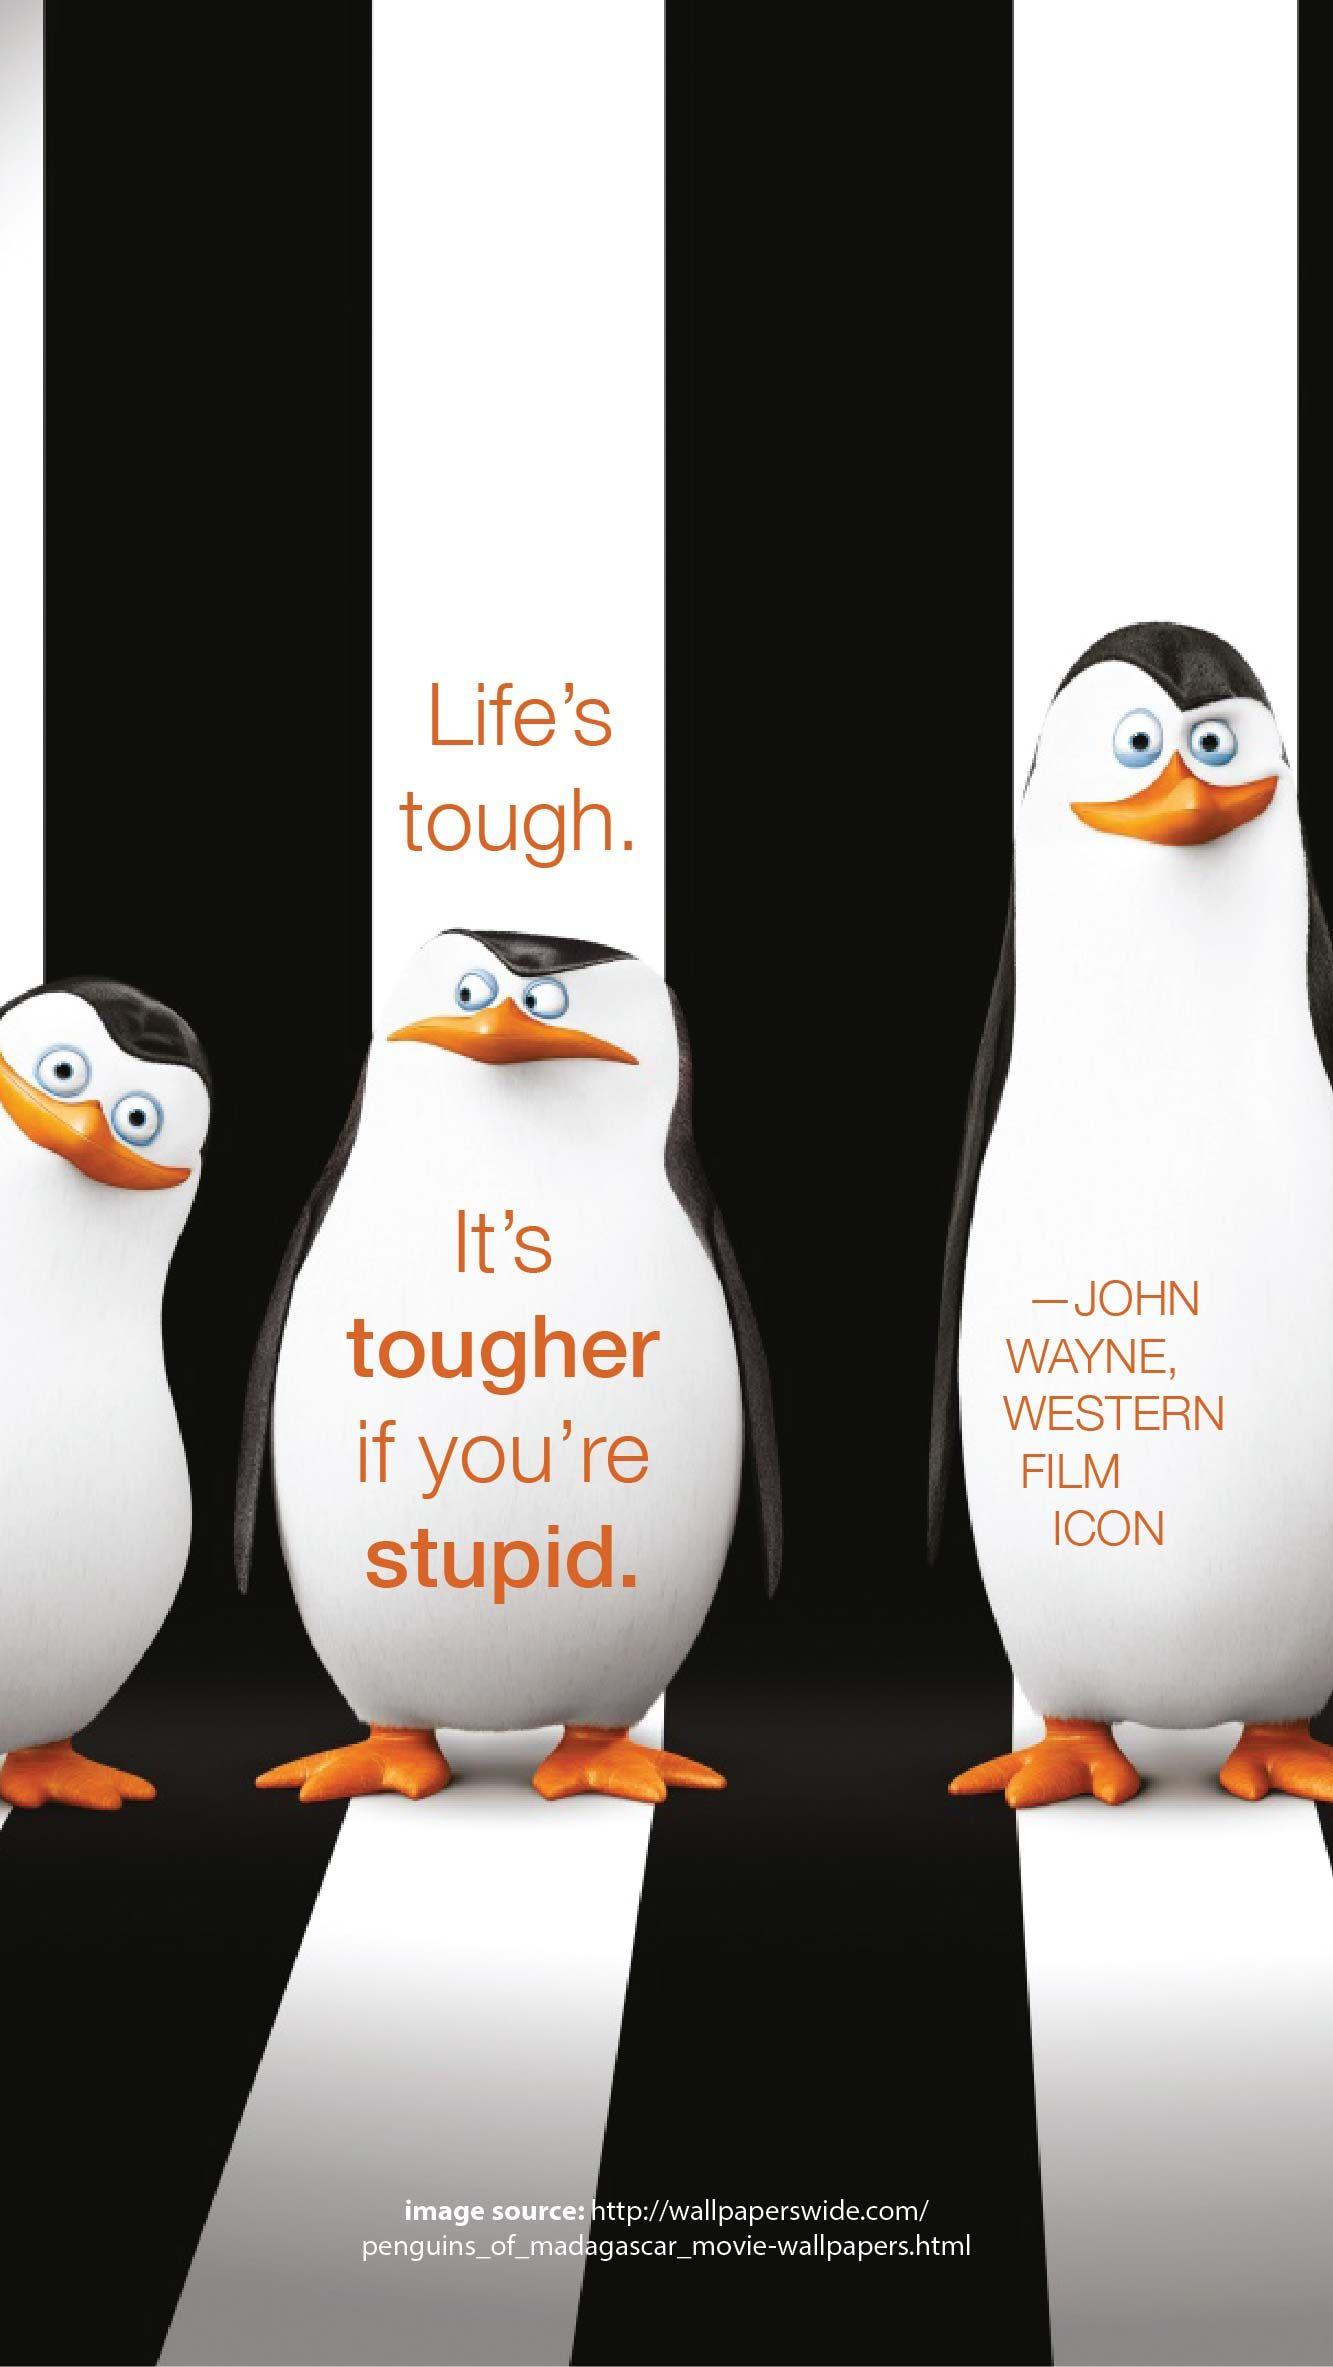 John Wayne Quote Life Is Hard John Wayne Quote Image Source Httpwallpaperswide